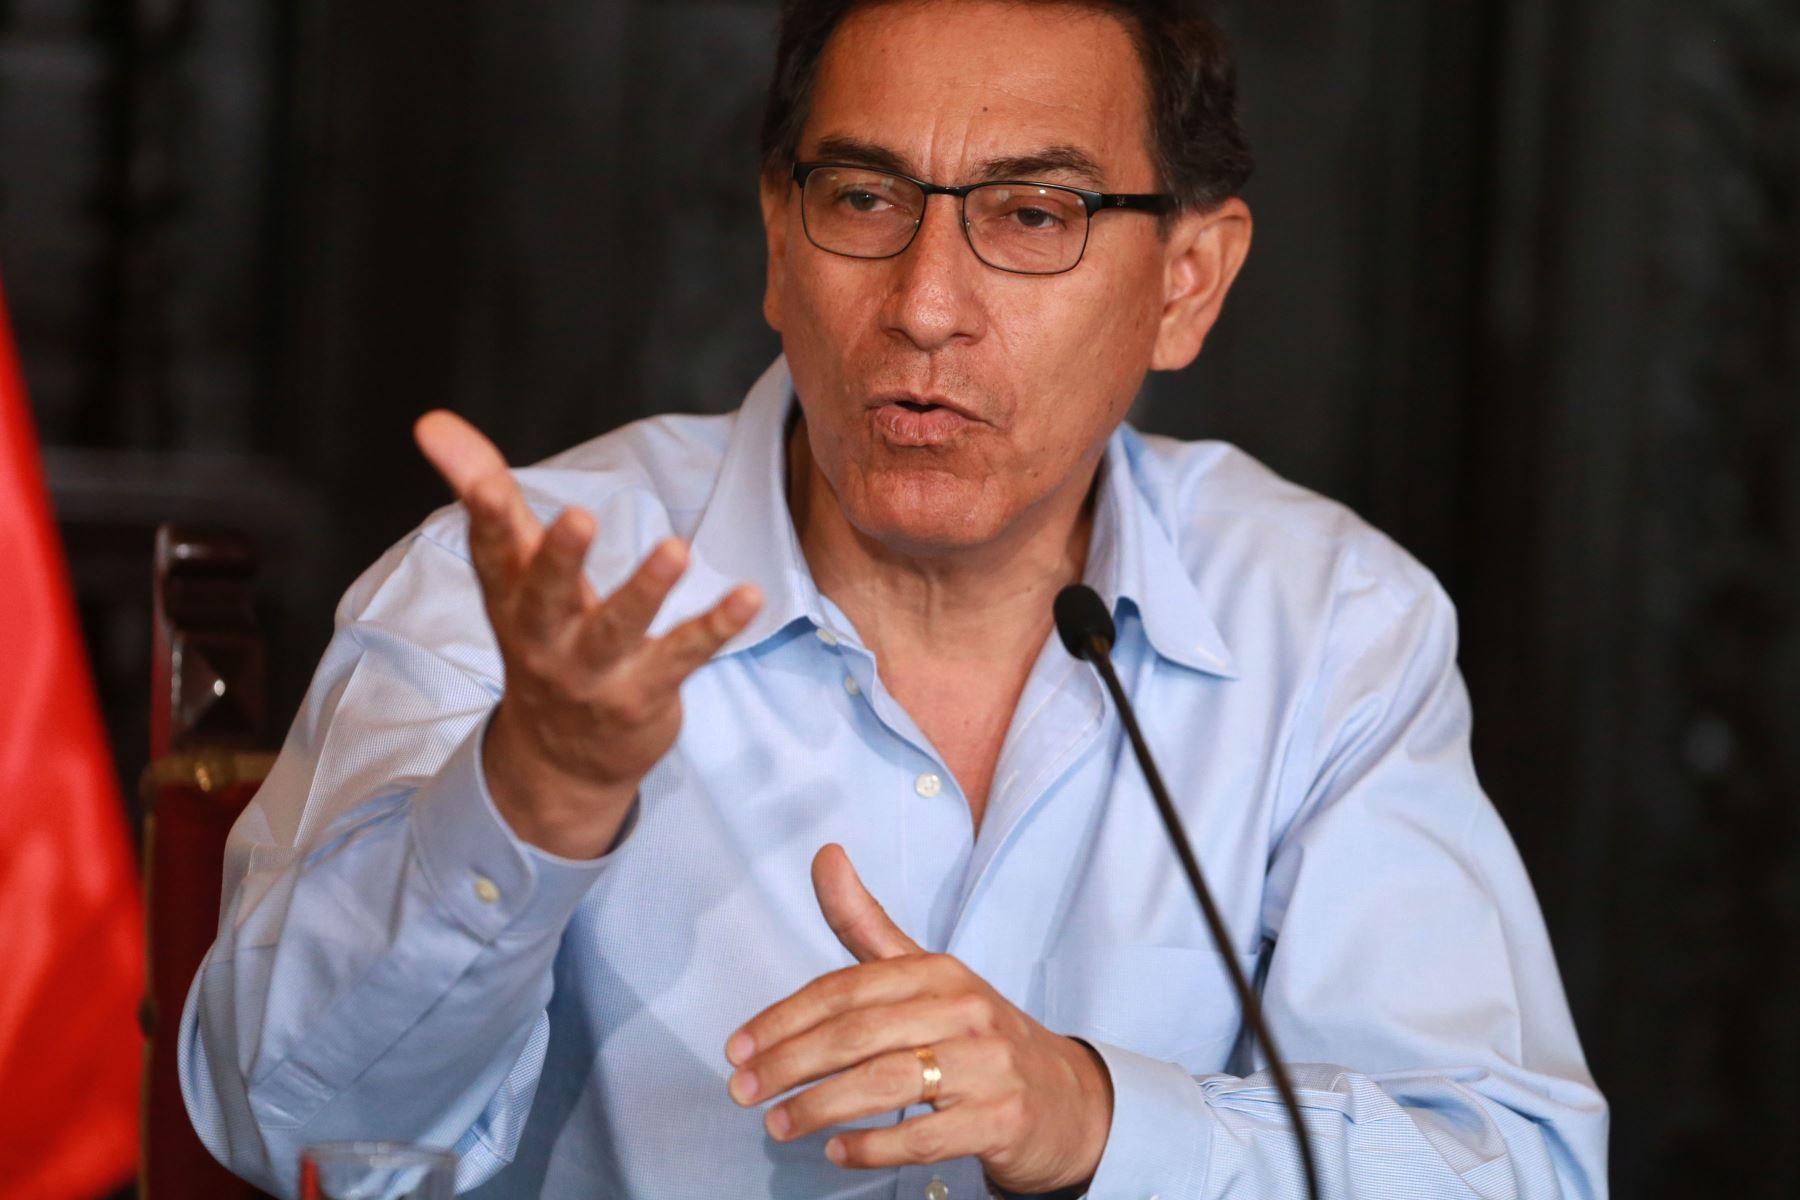 Conferencia prensa del Presidente de la República Martín Vizcarra sobre la Cumbre de las Americas.  Foto: ANDINA/Vidal Tarqui